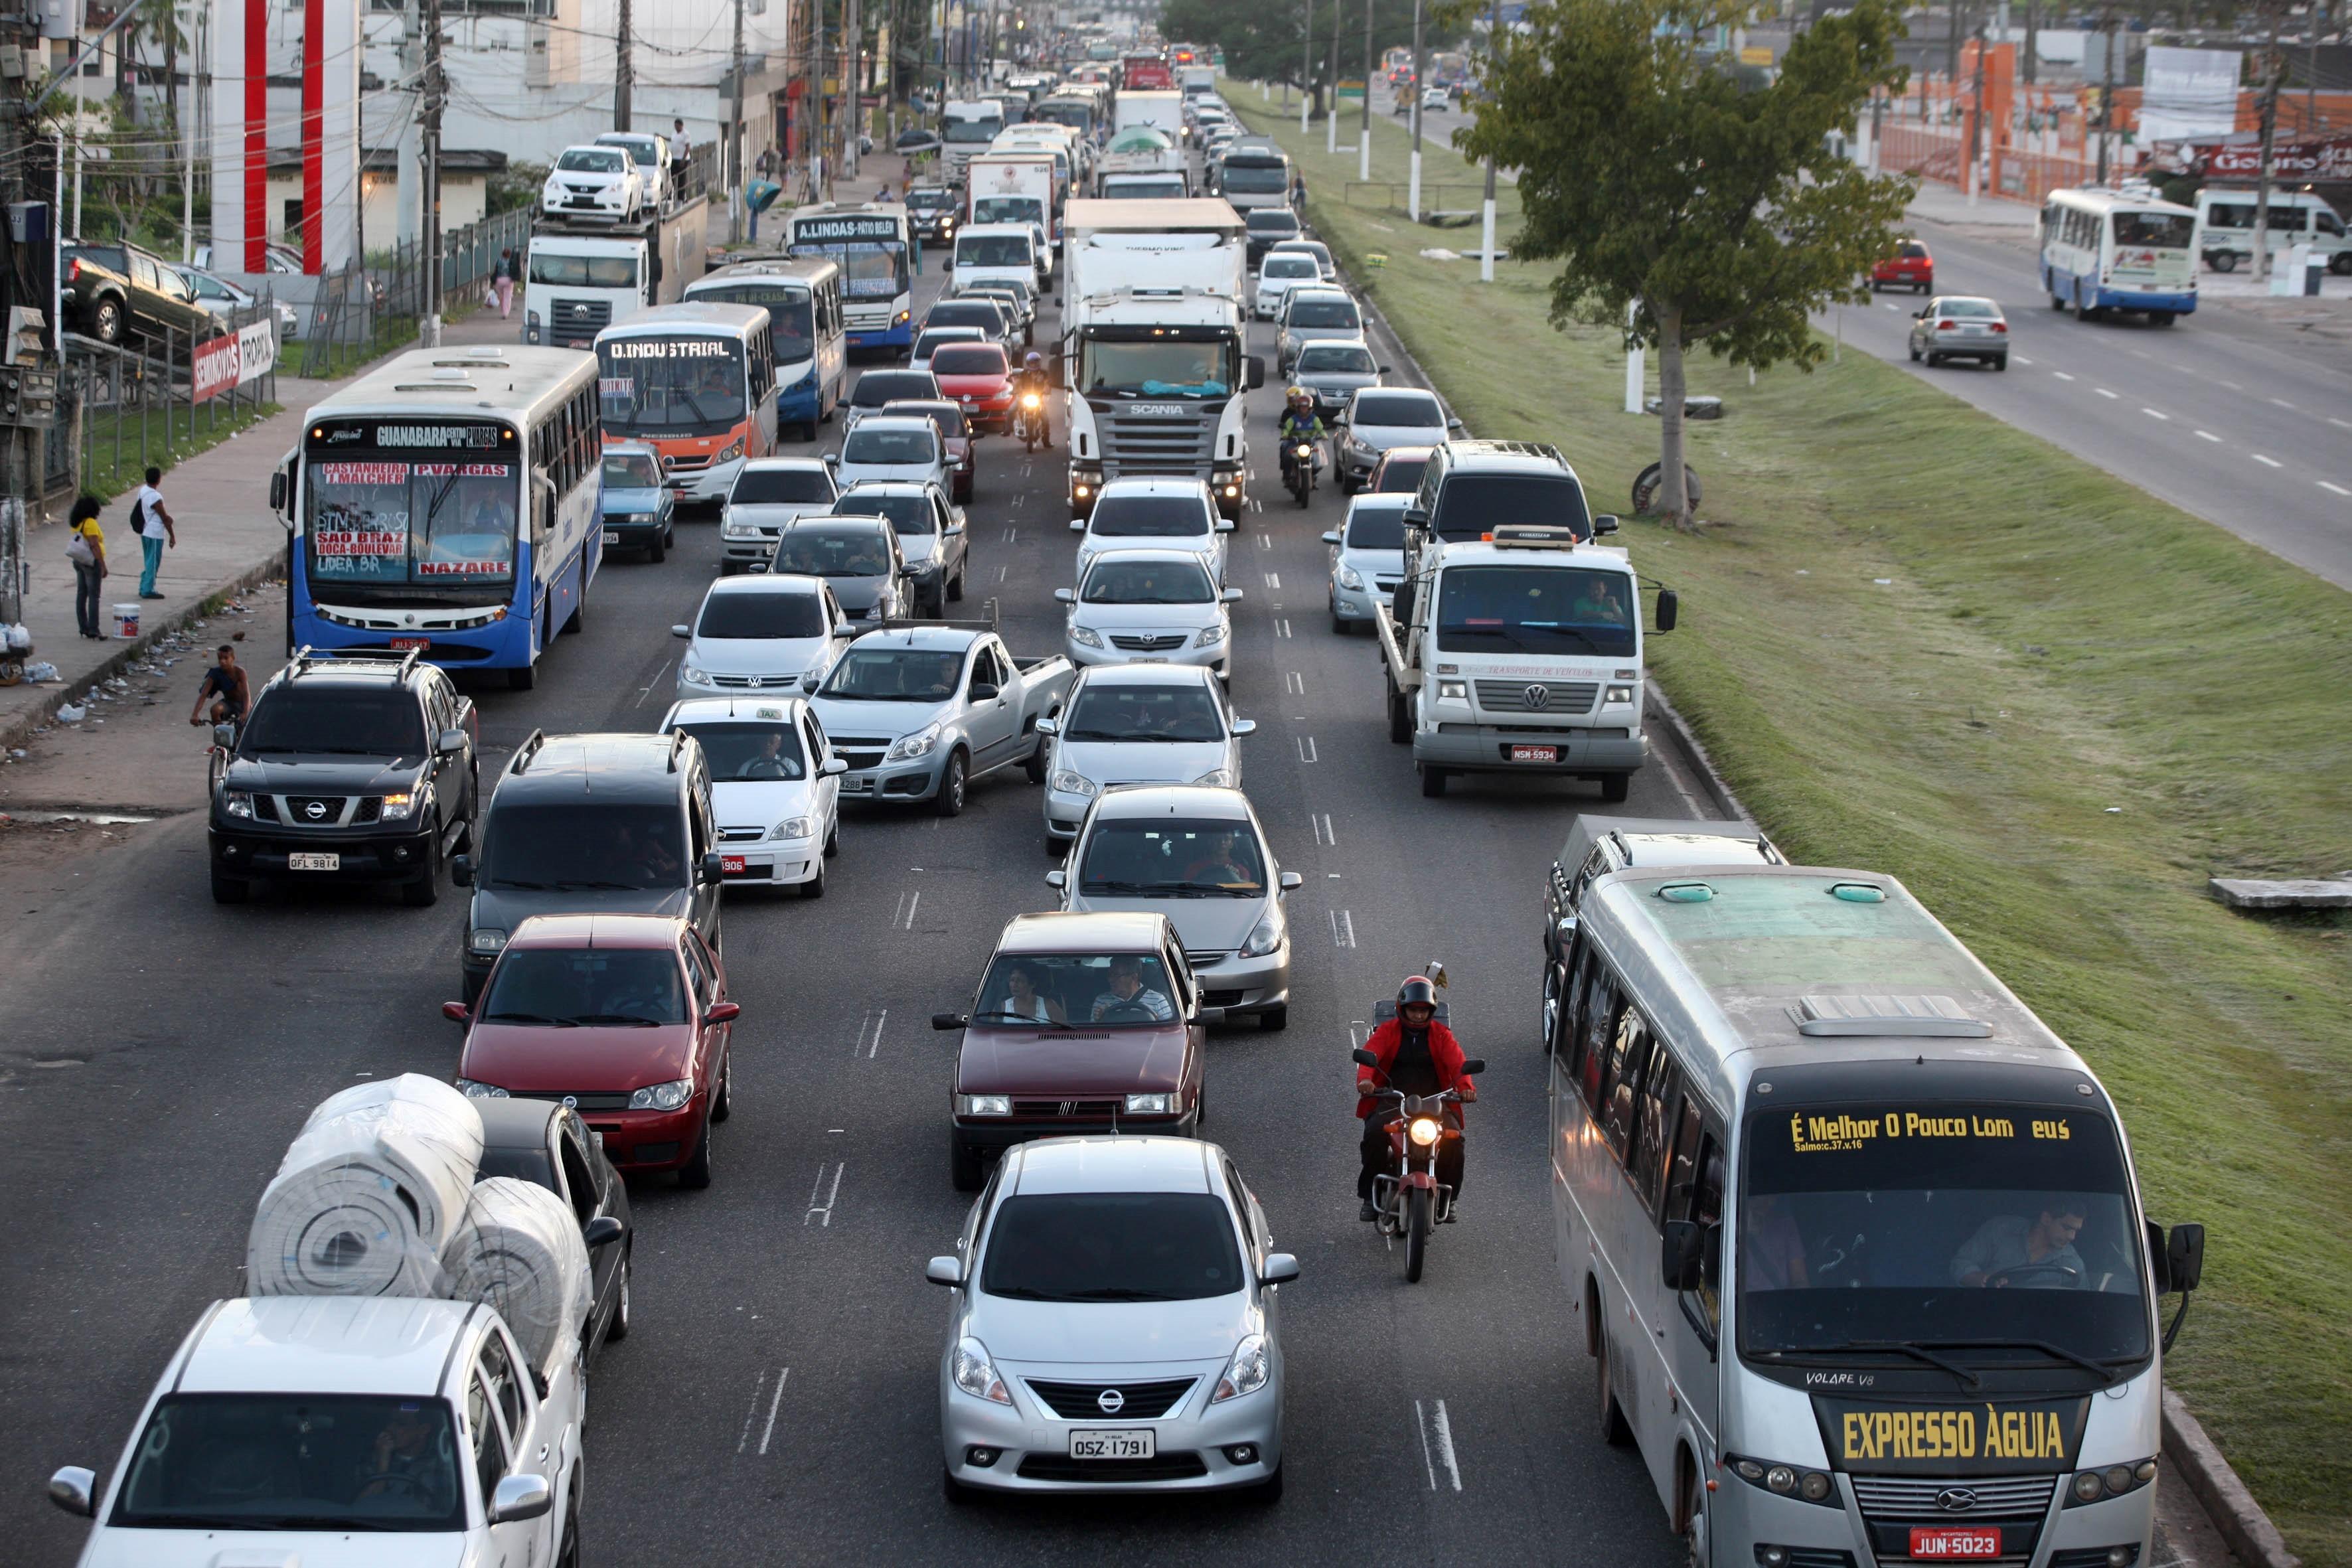 Descontos de IPVA para veículos com finais de placa 40 a 60 terminam nesta segunda-feira - Notícias - Plantão Diário